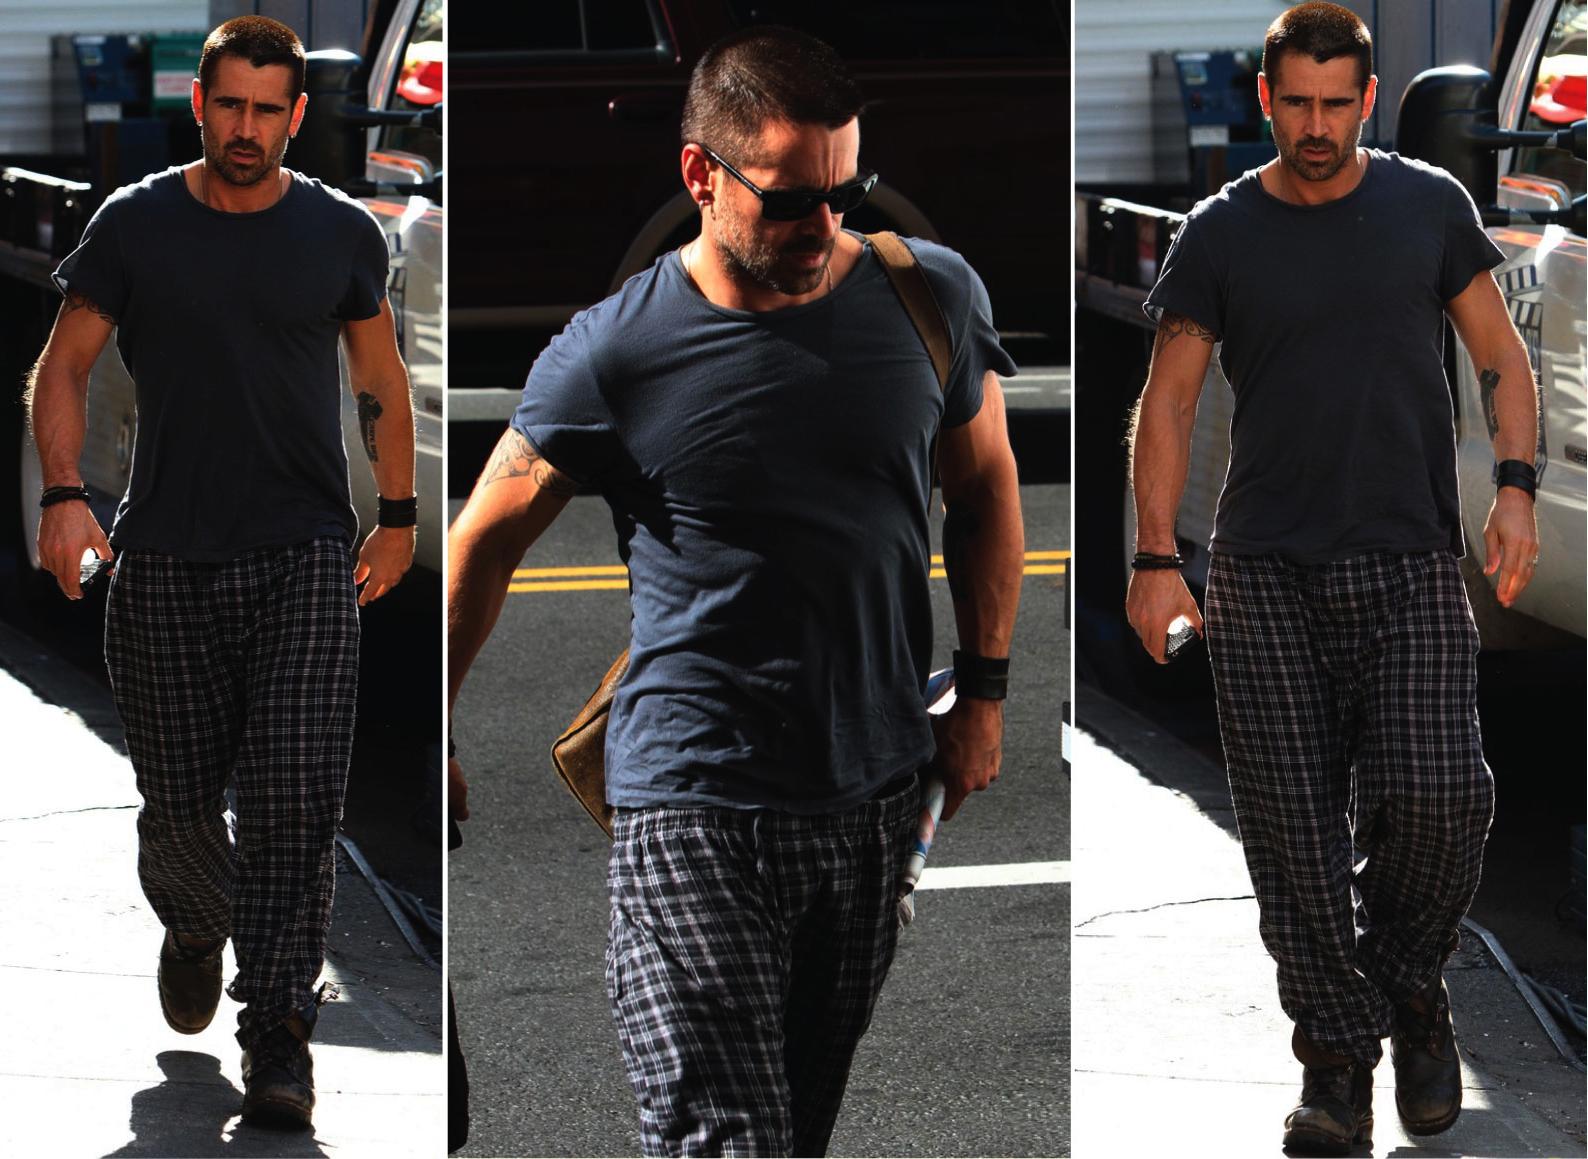 http://1.bp.blogspot.com/-W8qSWIB2vwc/T-295cduKHI/AAAAAAABV0s/7Qr9LV_4r_g/s1600/colin+farrell+pajama+pants.jpg